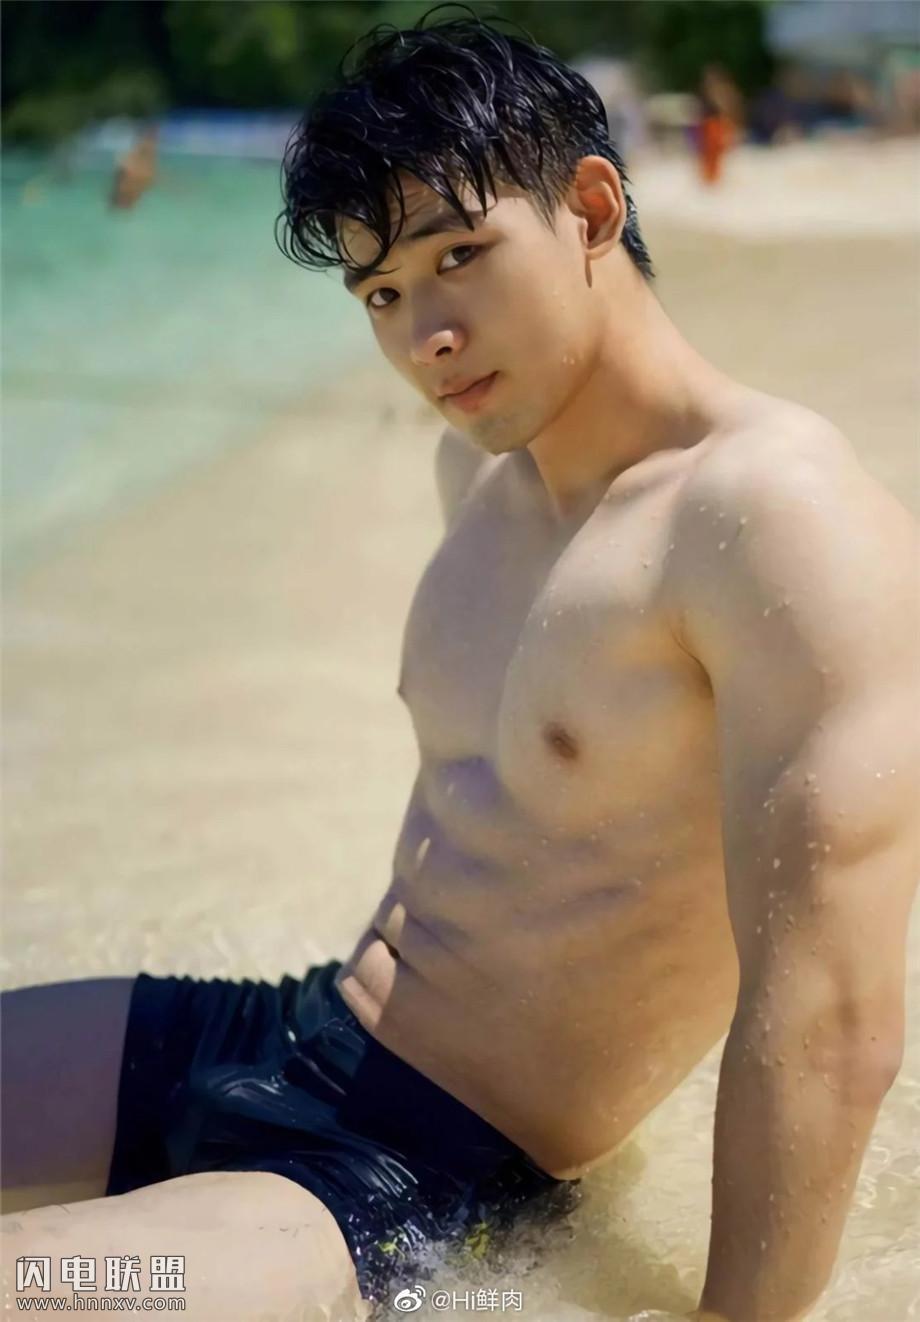 95后中国性感肌肉男模海边写真图片